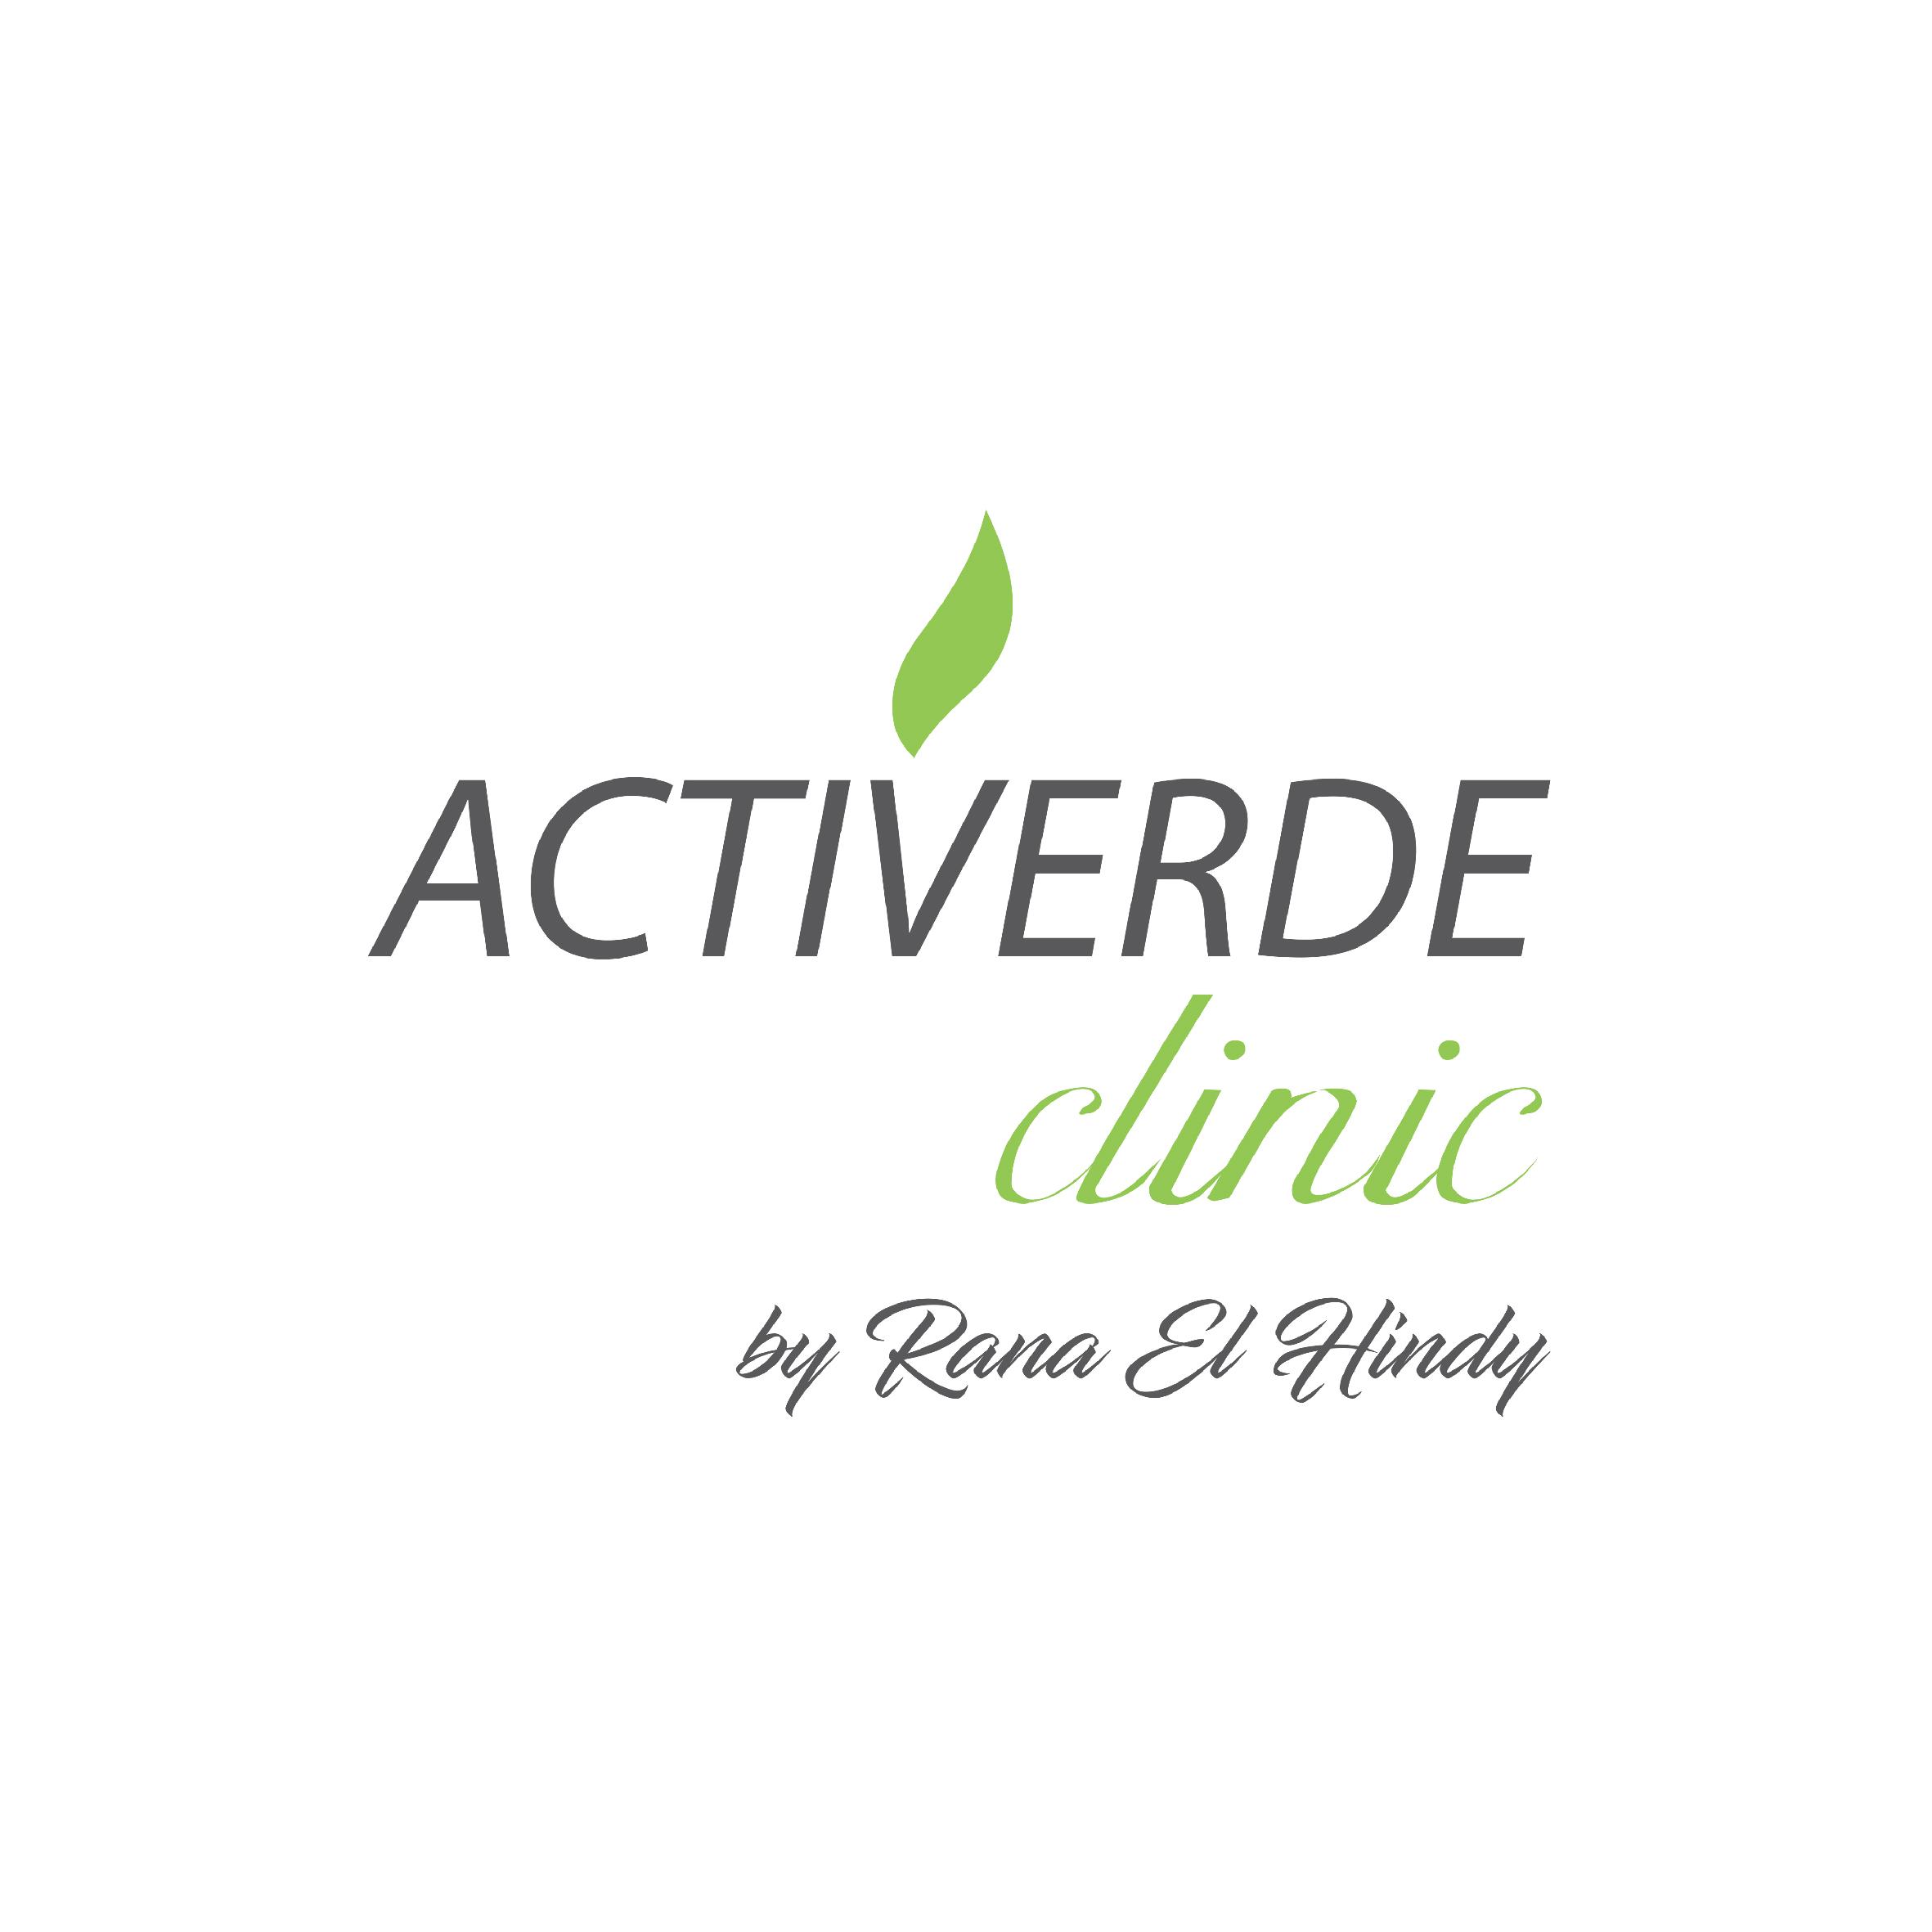 activerde